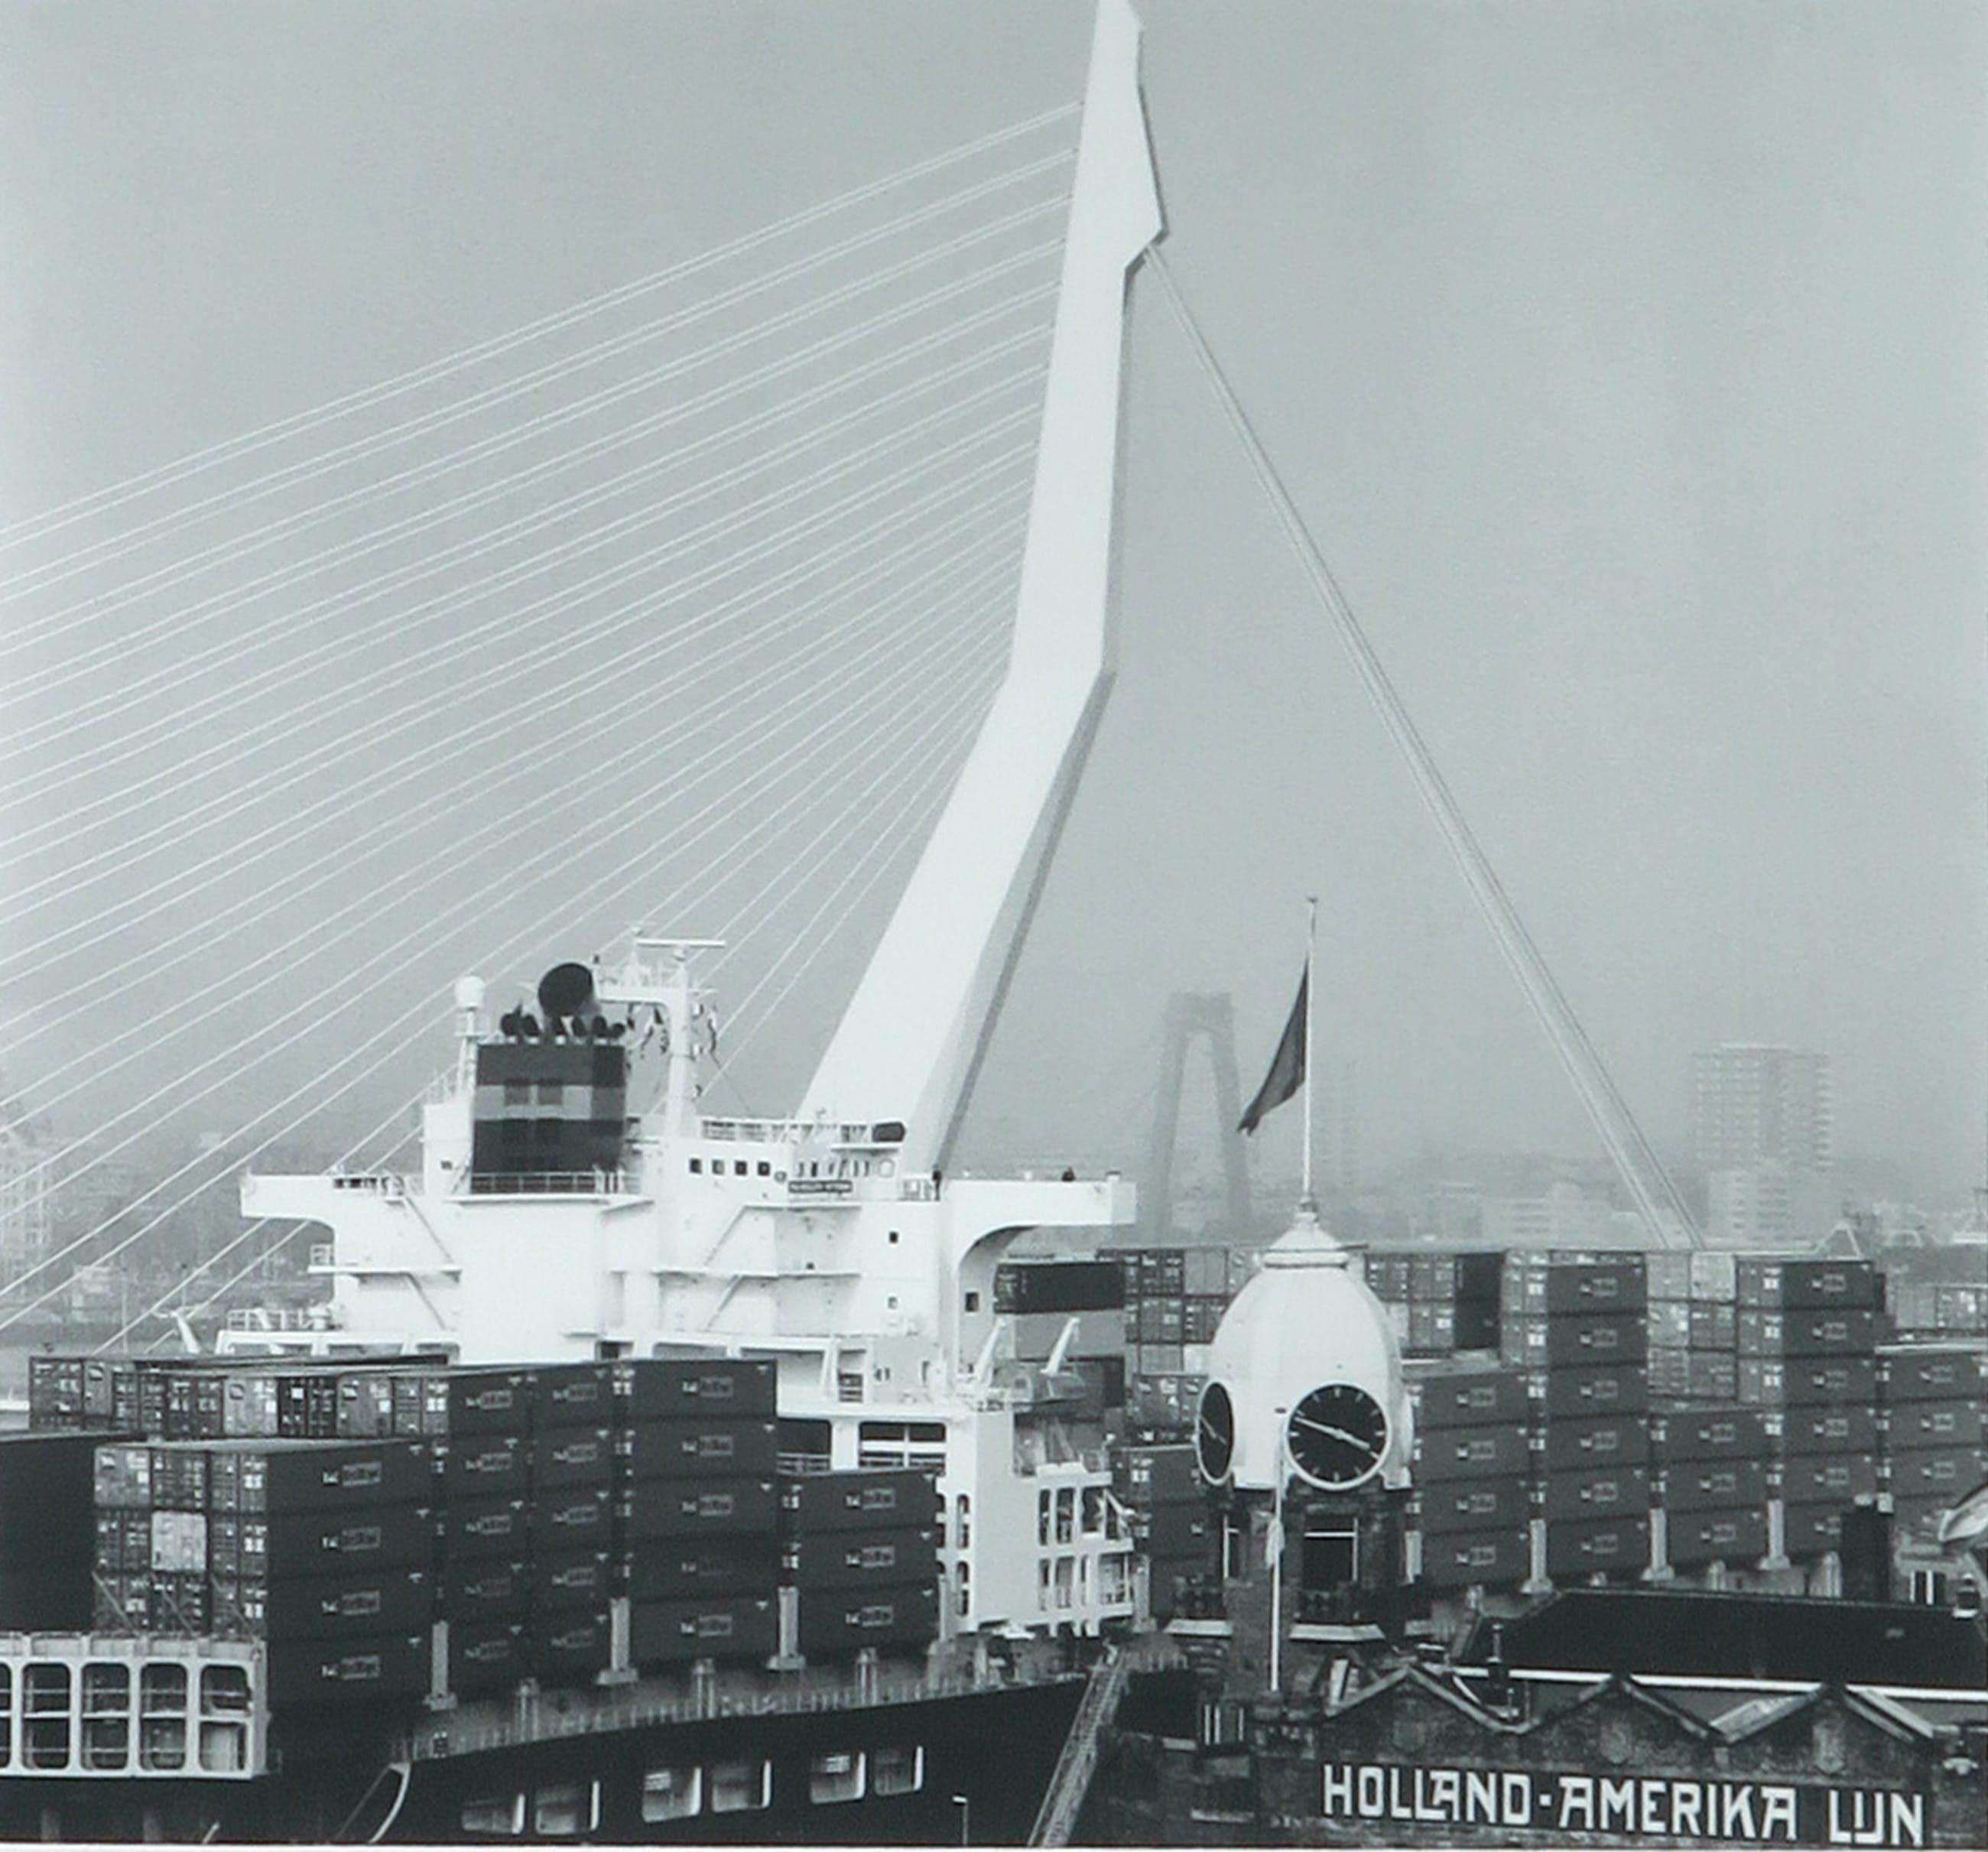 Niet of onleesbaar gesigneerd - Foto, Erasmusbrug Rotterdam - Ingelijst kopen? Bied vanaf 1!